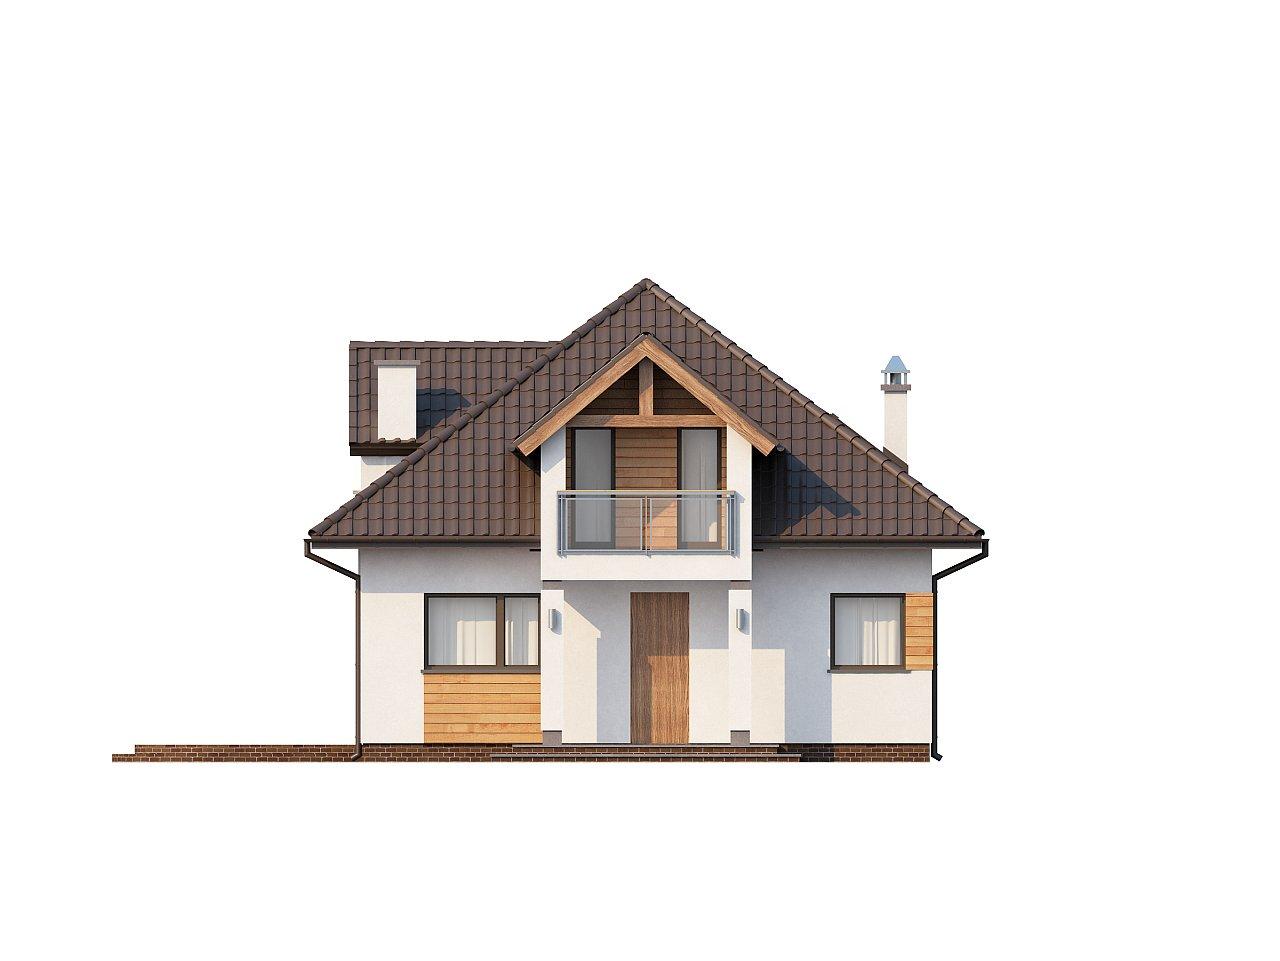 Проект практичного и уютного традиционного дома. 3